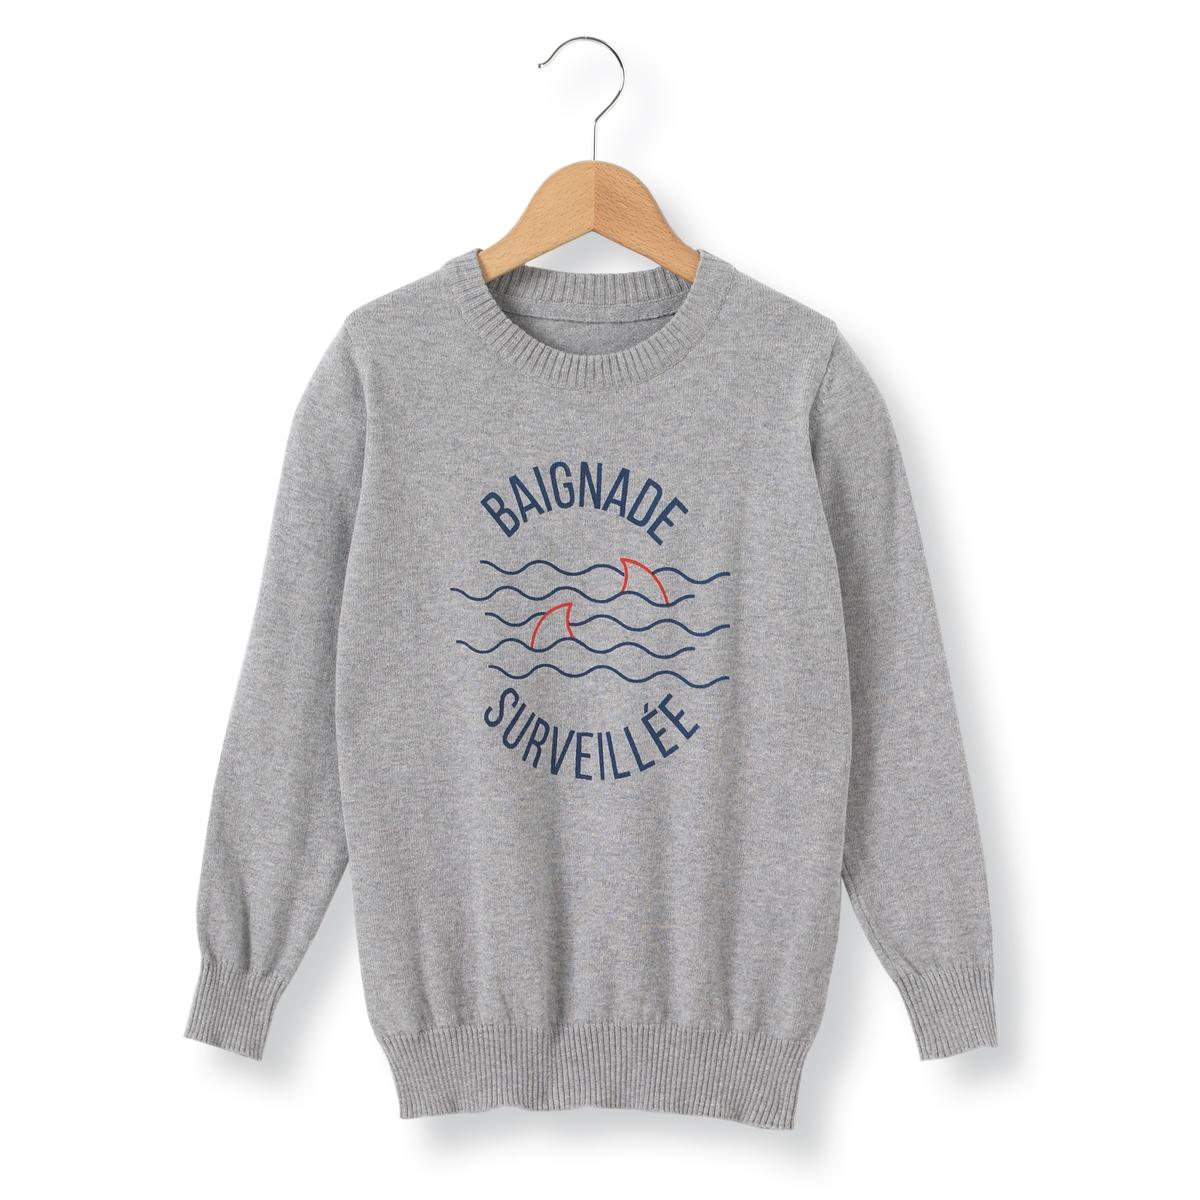 Пуловер с рисунком baignade surveillée (купание под присмотром) 3-12 лет